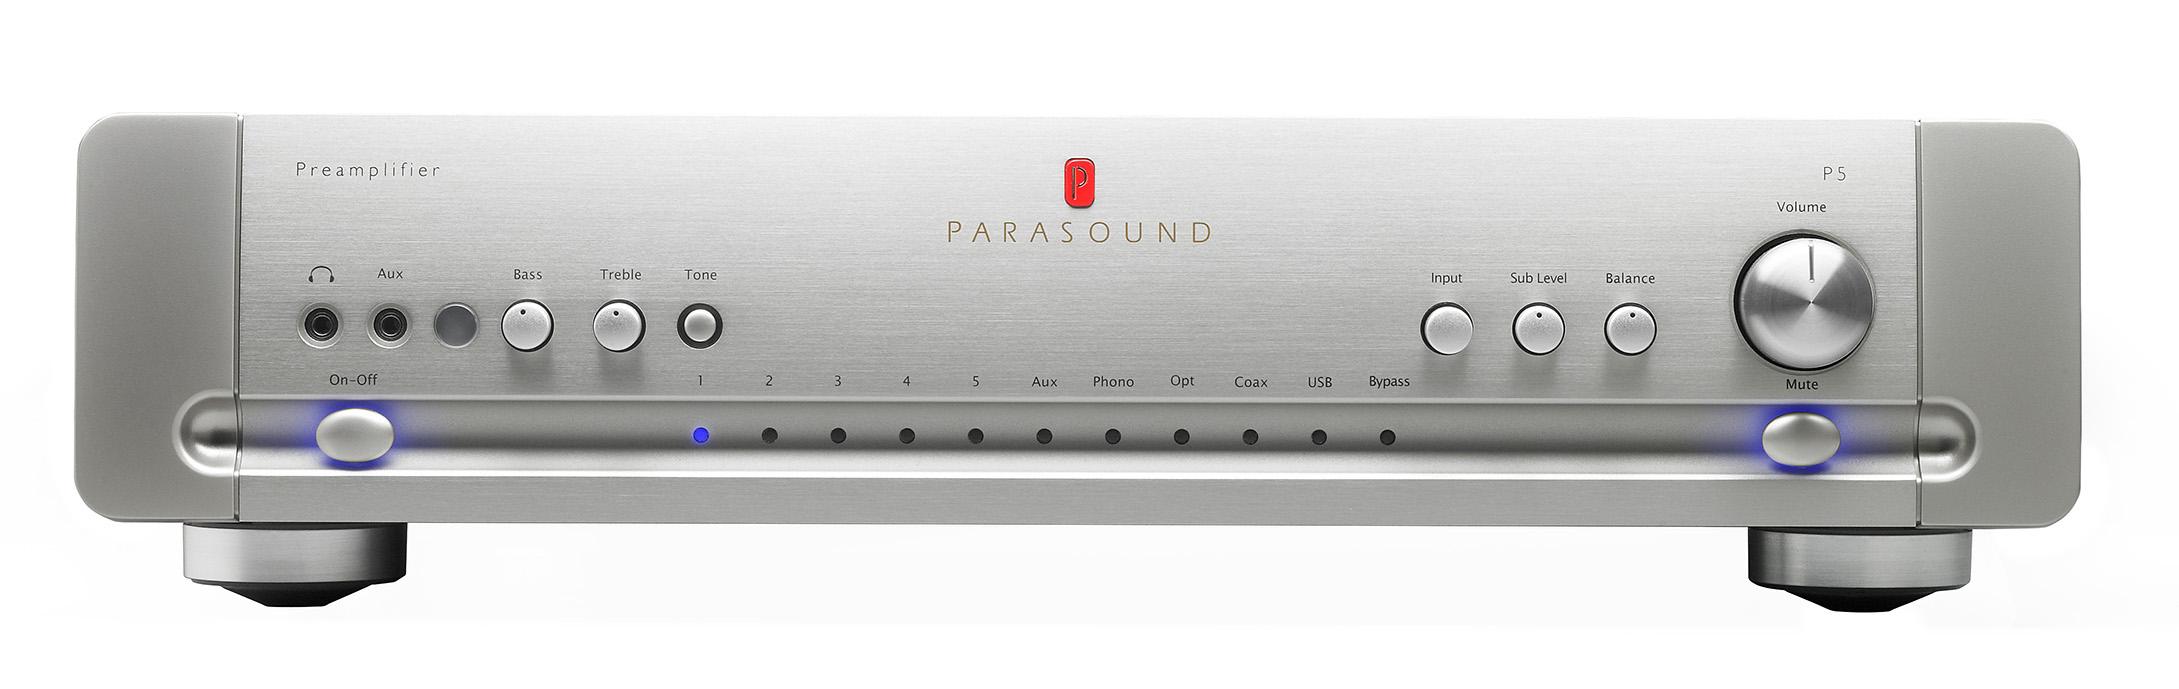 Parasound Halo P 5